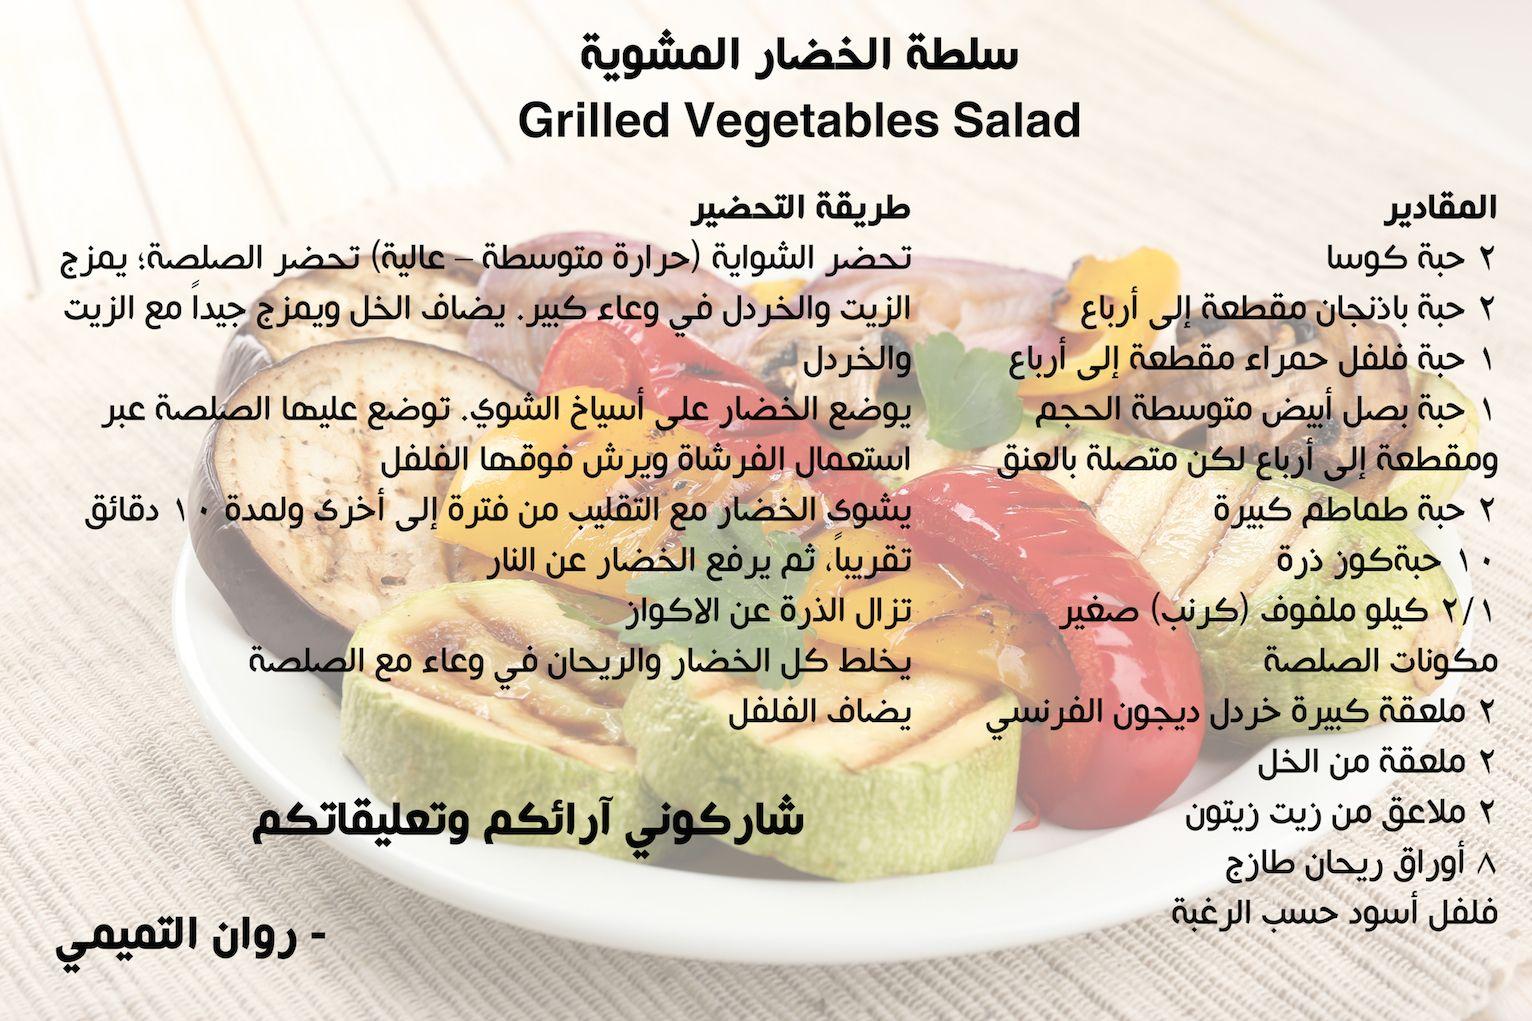 Grilled Vegetables Salad سلطة الخضار المشوية Recipes Daily Meals Food